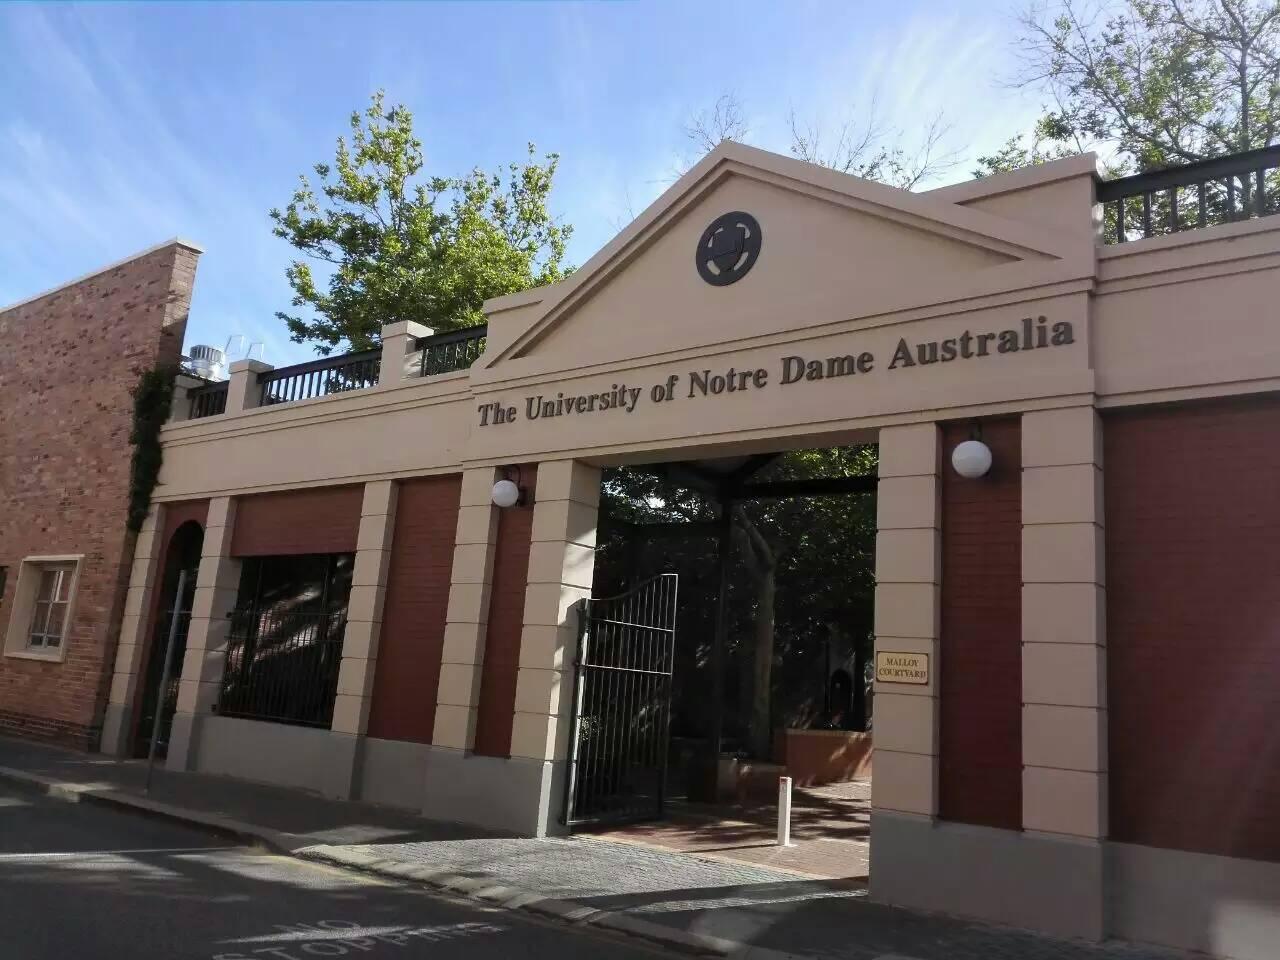 澳际名师澳贸促会和各州教育部院校考察之西澳